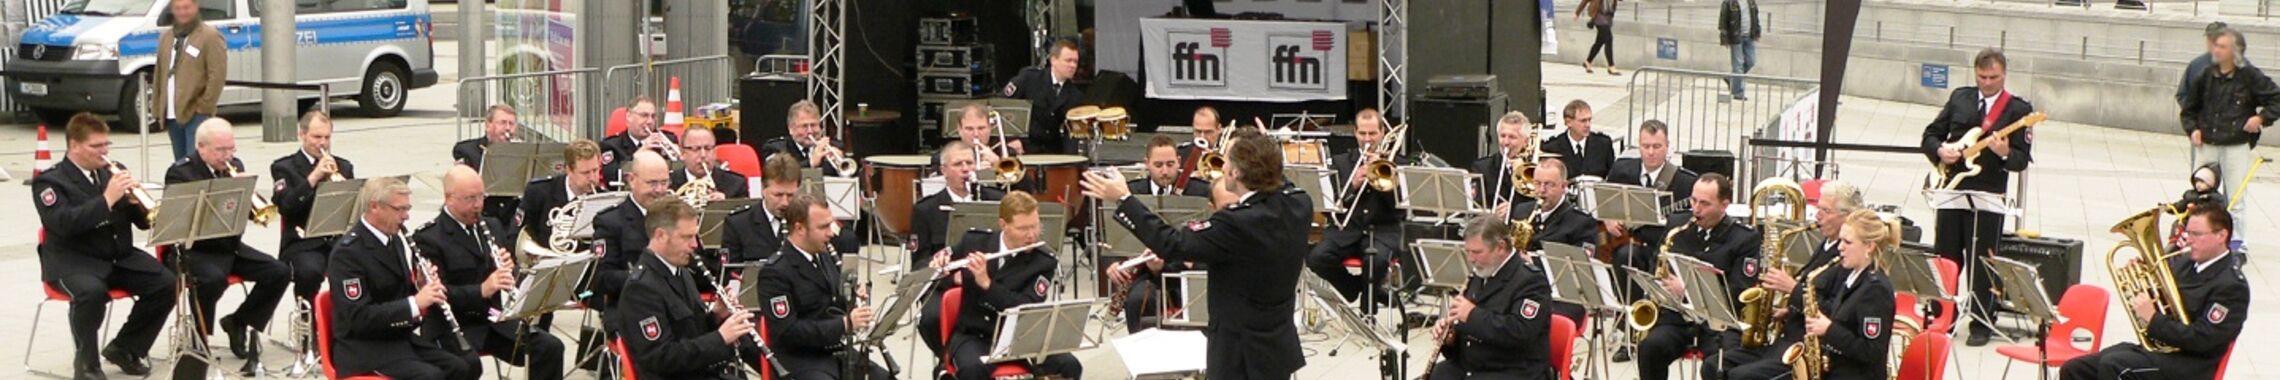 Polizeimusikkorps_Niedersachsen_Bigband